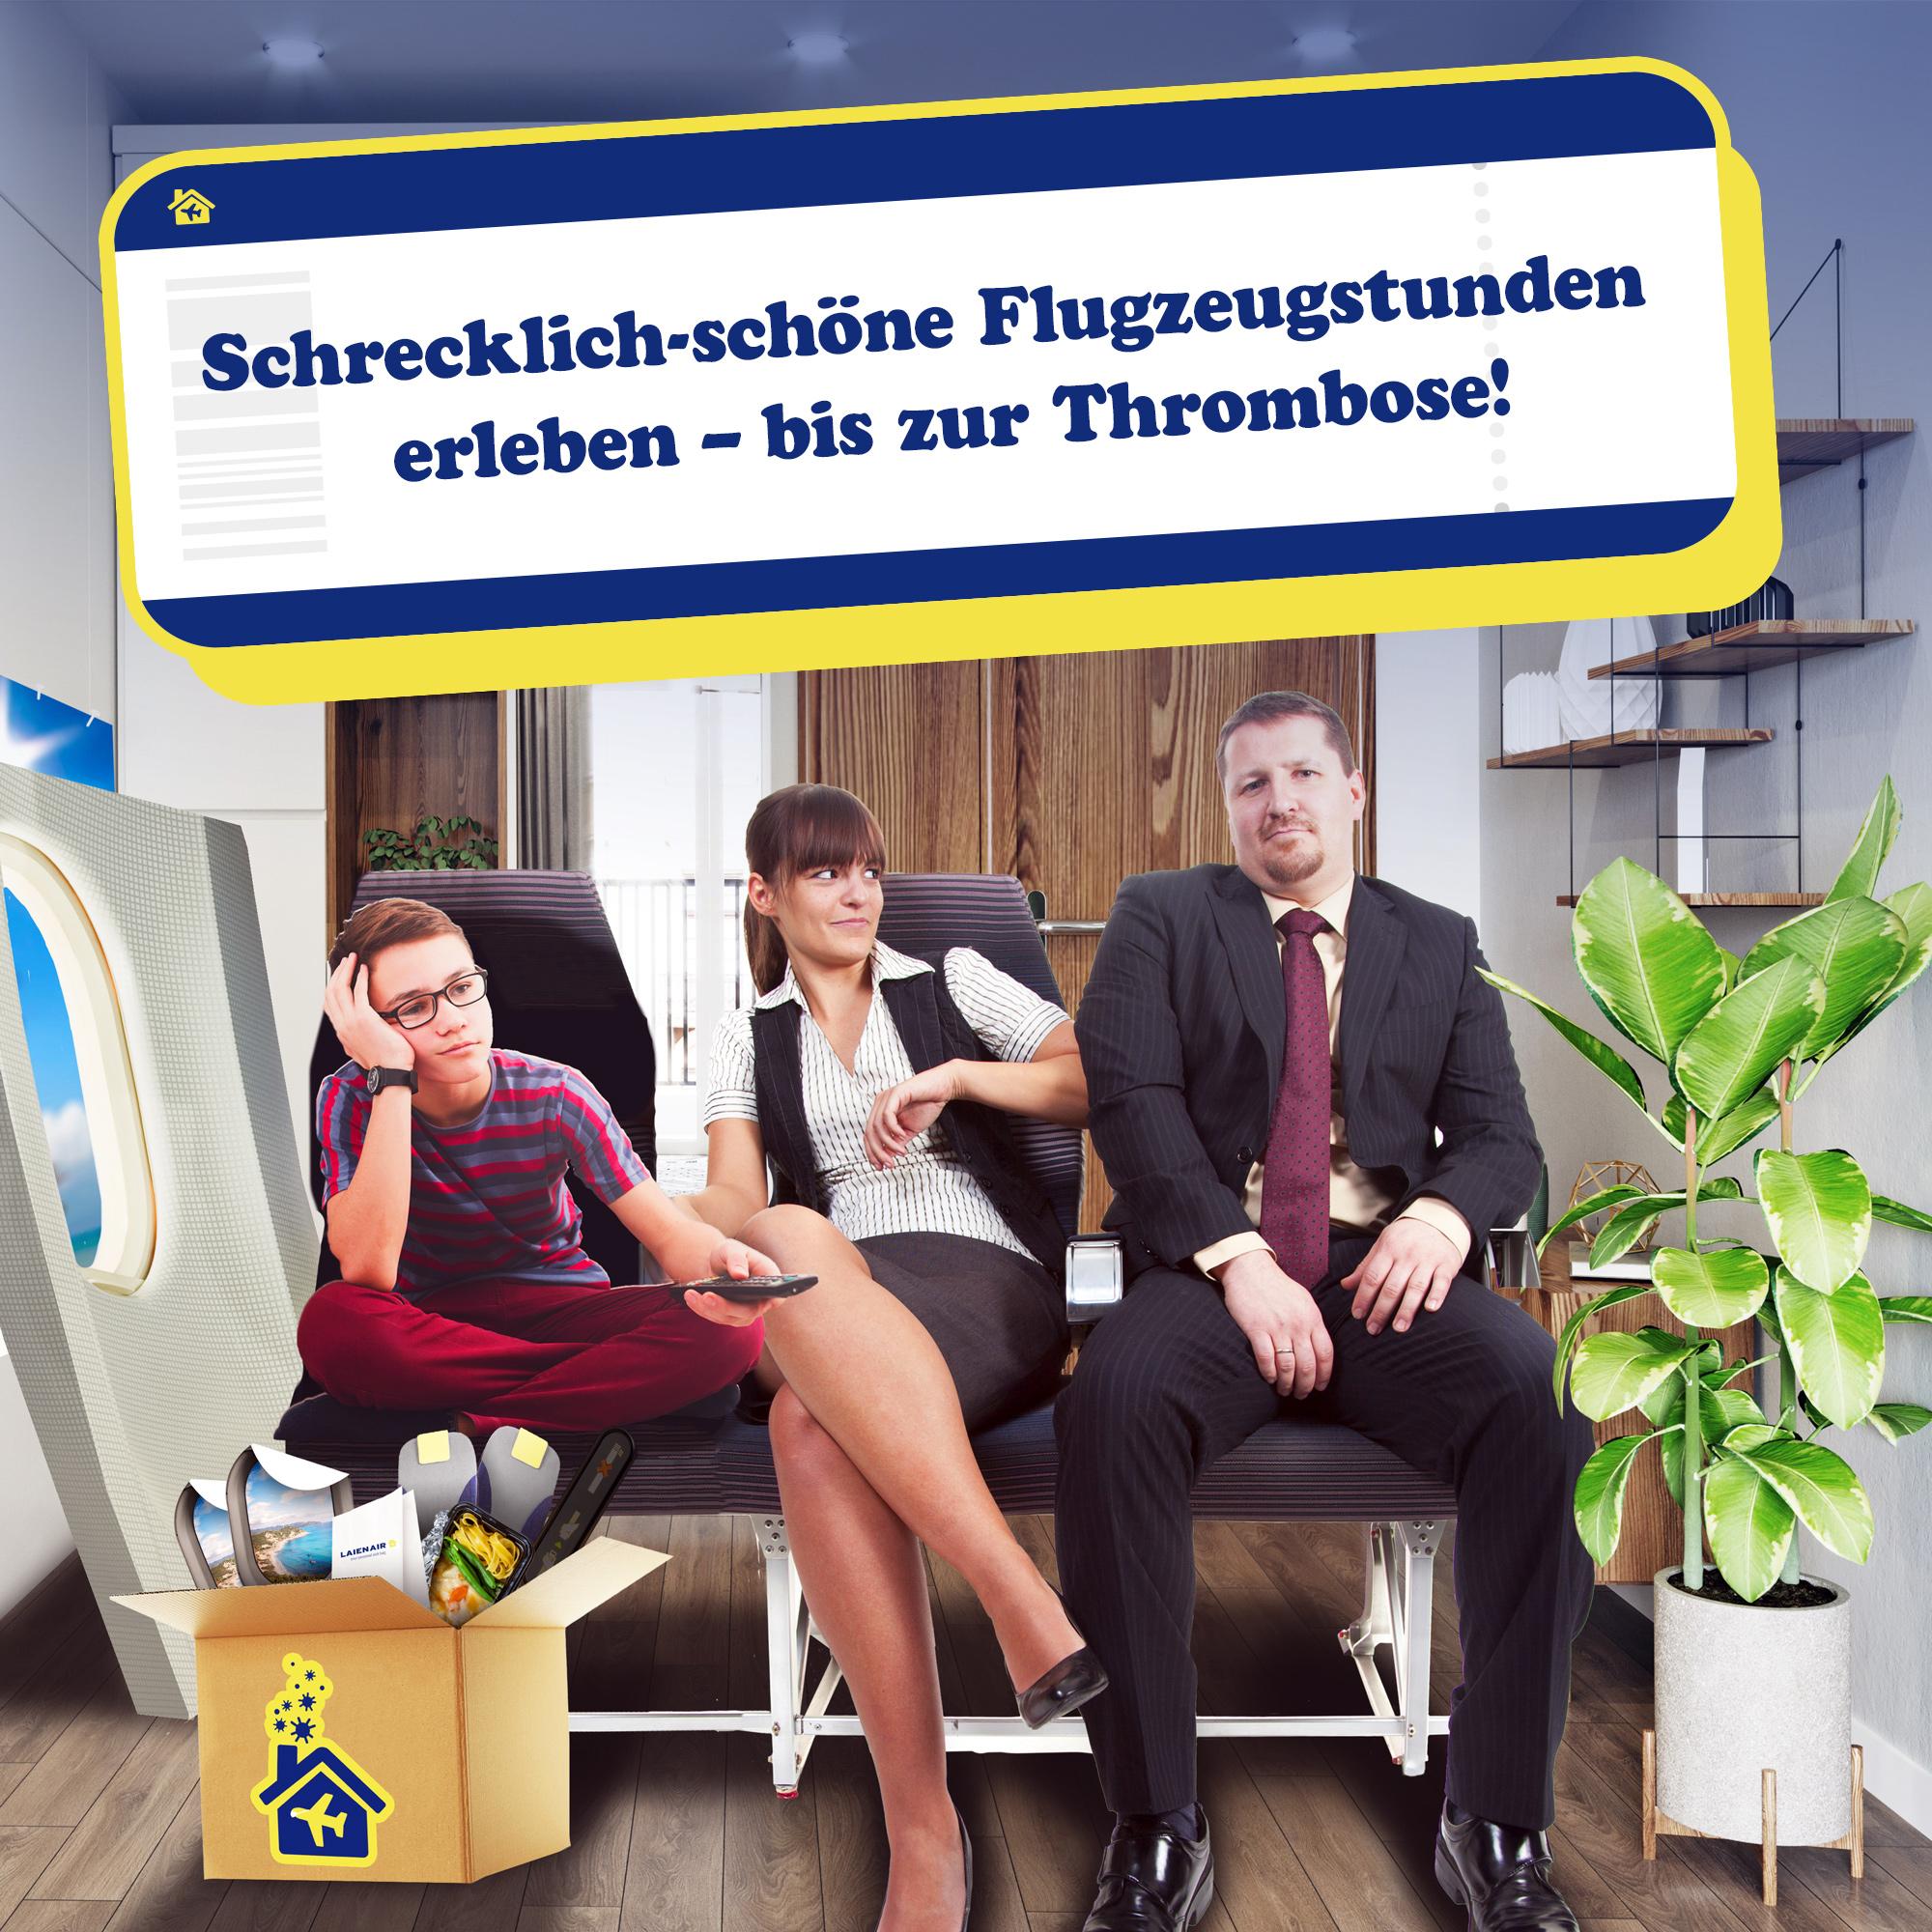 Intensiver Flug-Reisetag für Zuhause - Pandemie Special - 4